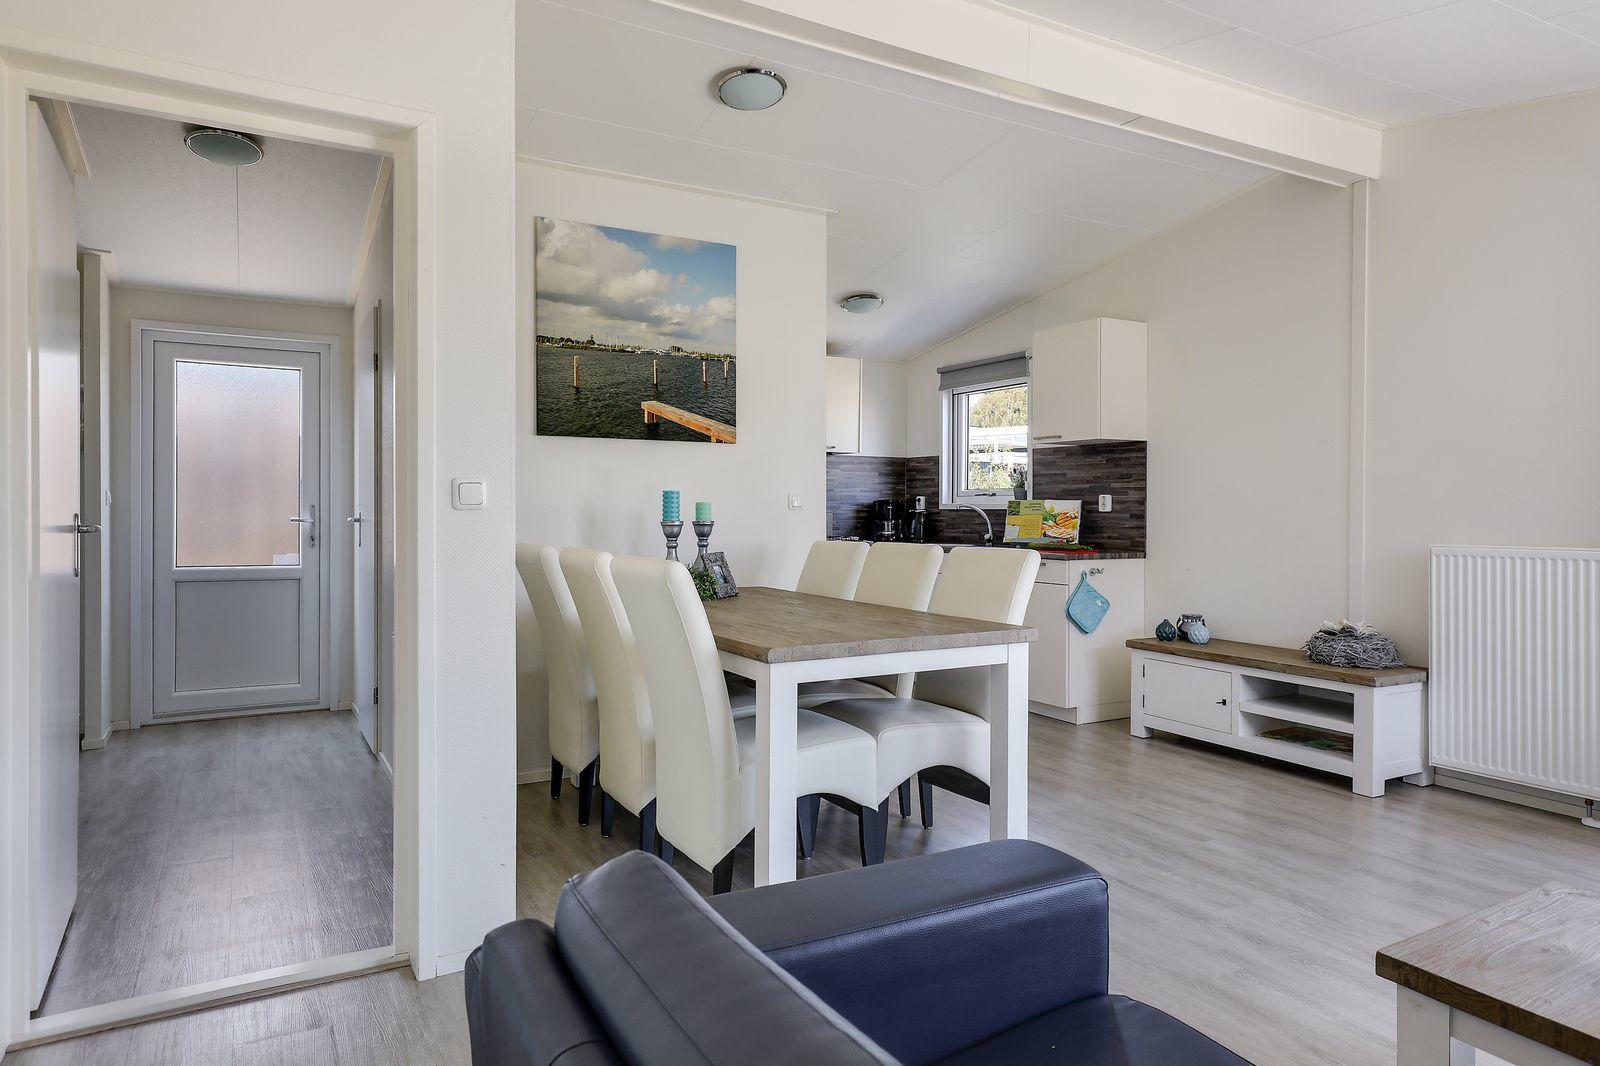 Strandhuis: 6-persoons, 3 slaapkamers